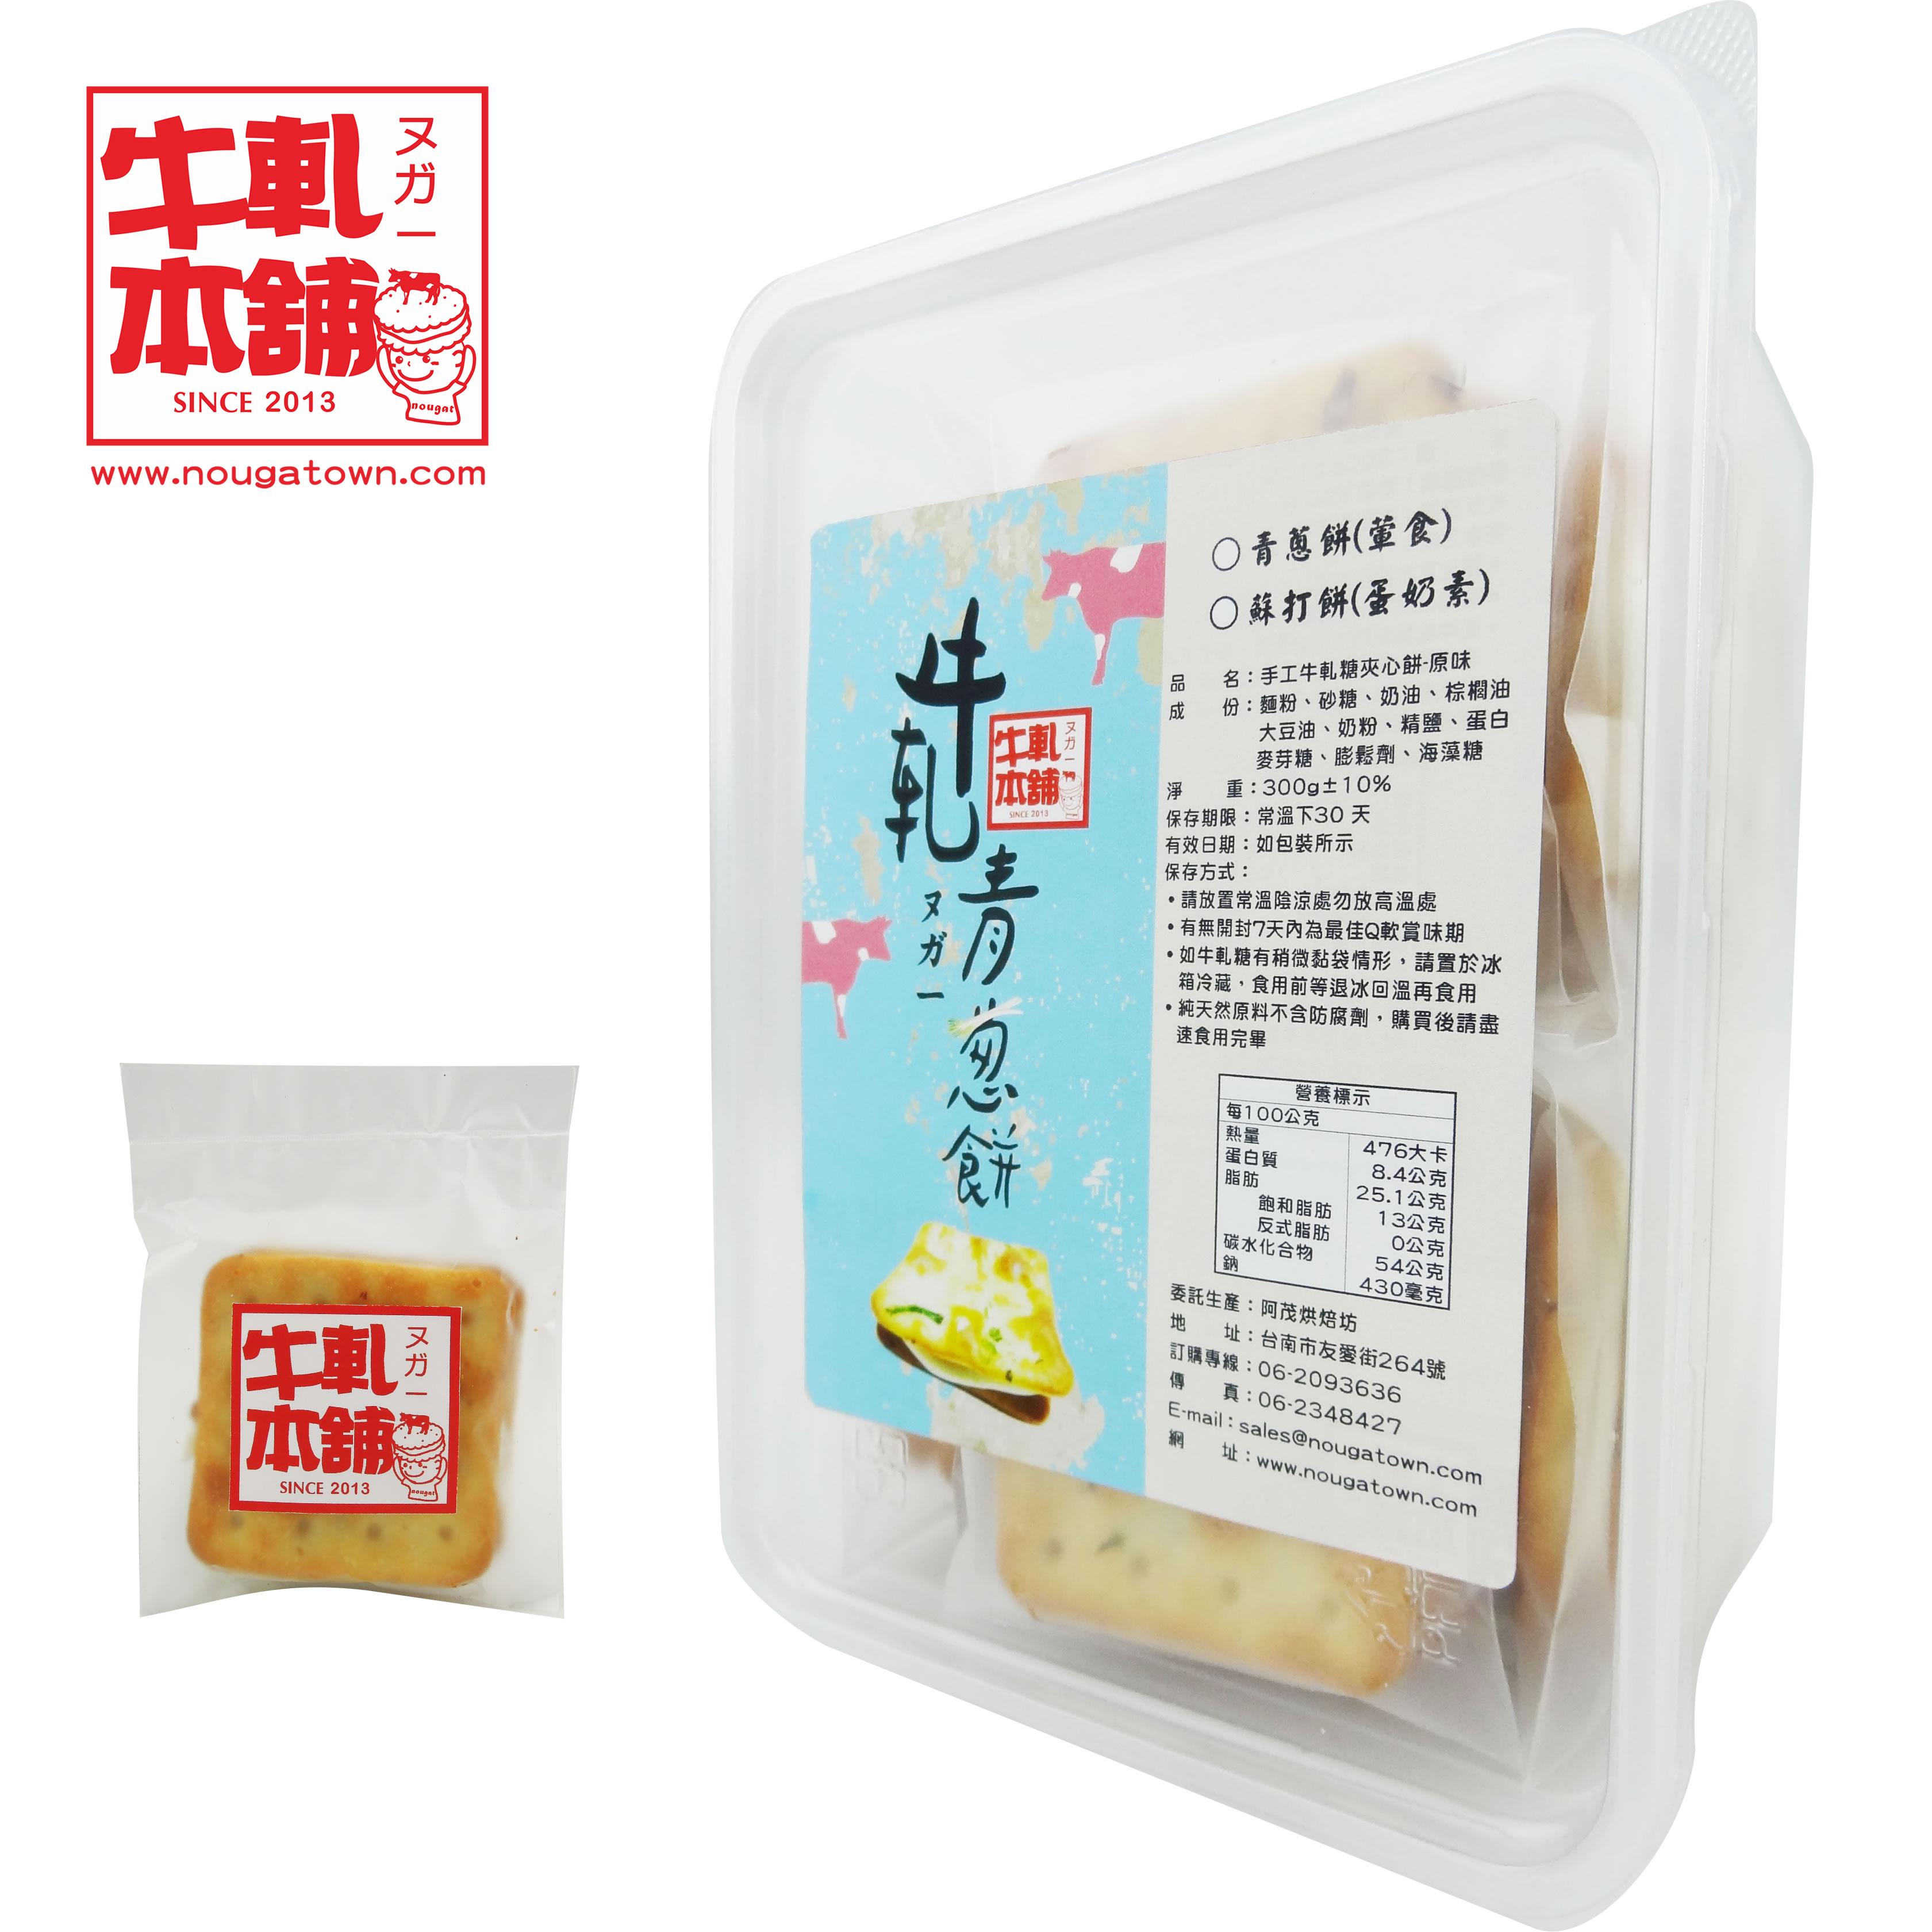 【牛軋本舖】好事成雙免運組合♥手工牛軋餅2盒+牛軋小圓餅2盒 6